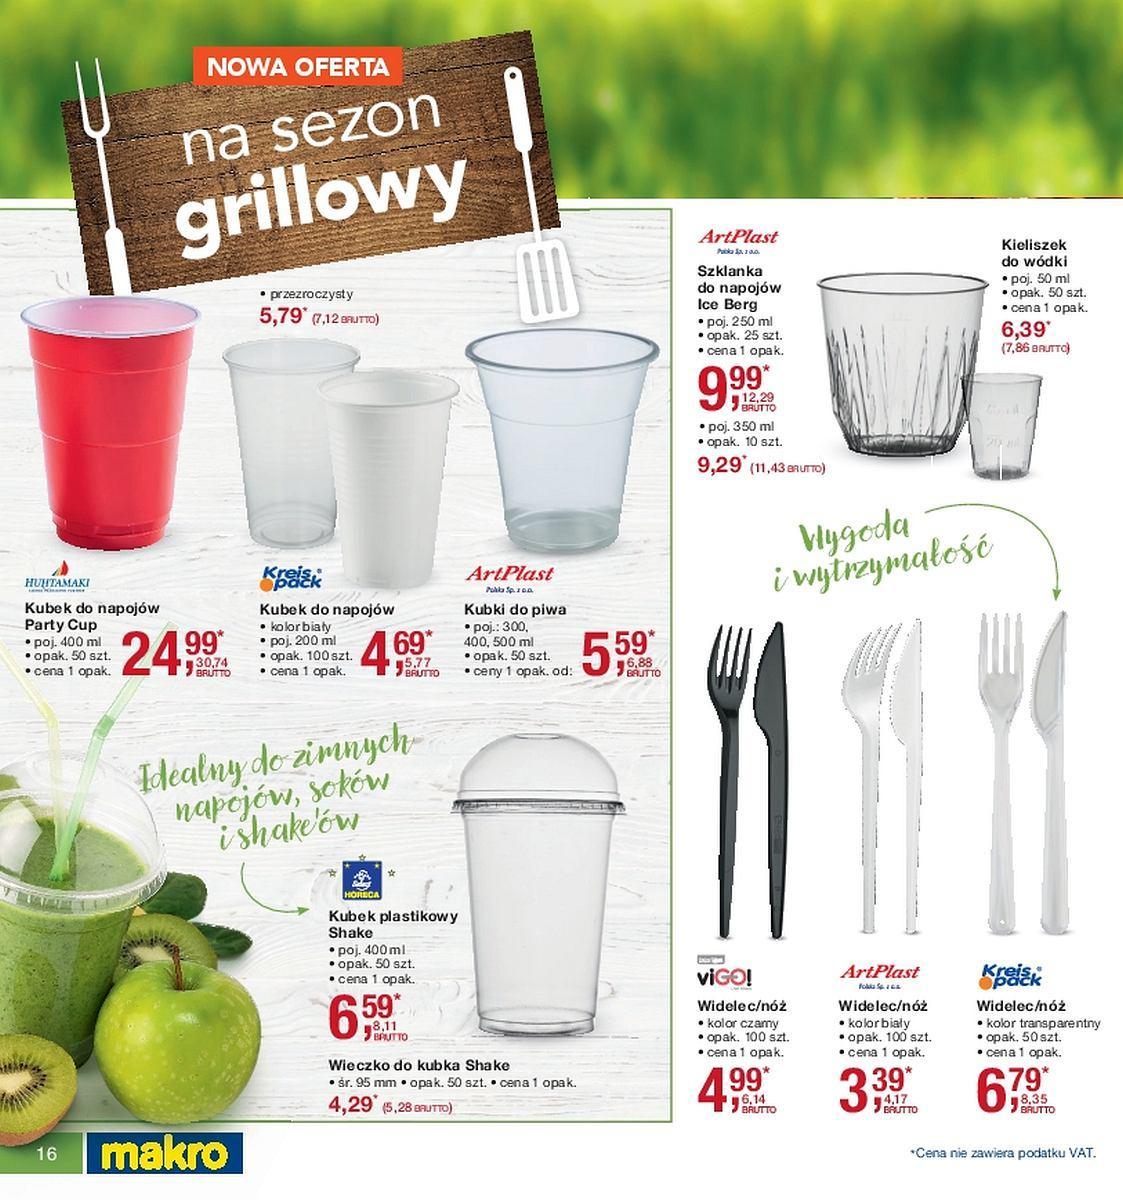 Gazetka promocyjna MAKRO do 07/05/2018 str.16